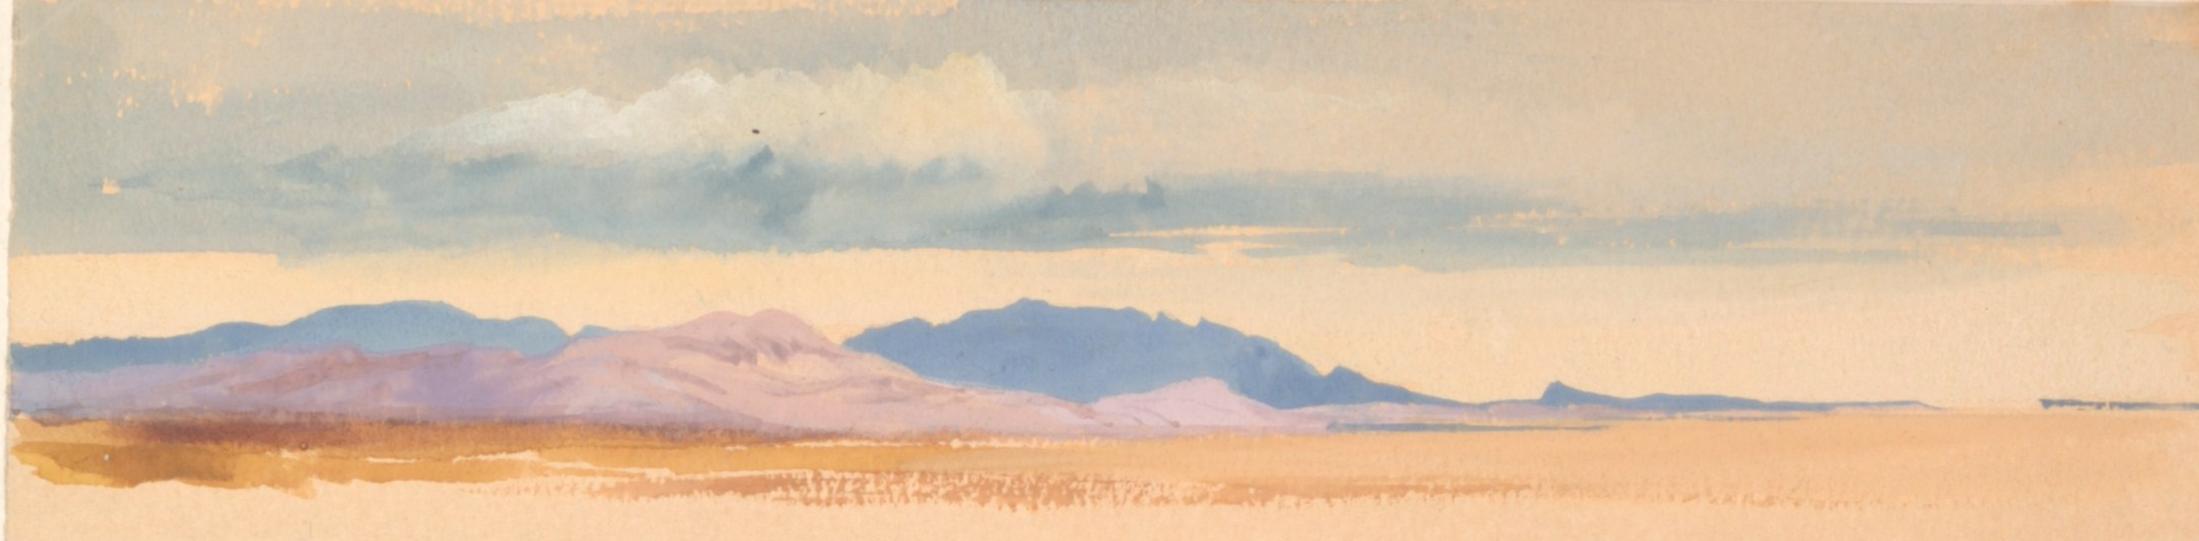 desertegerton